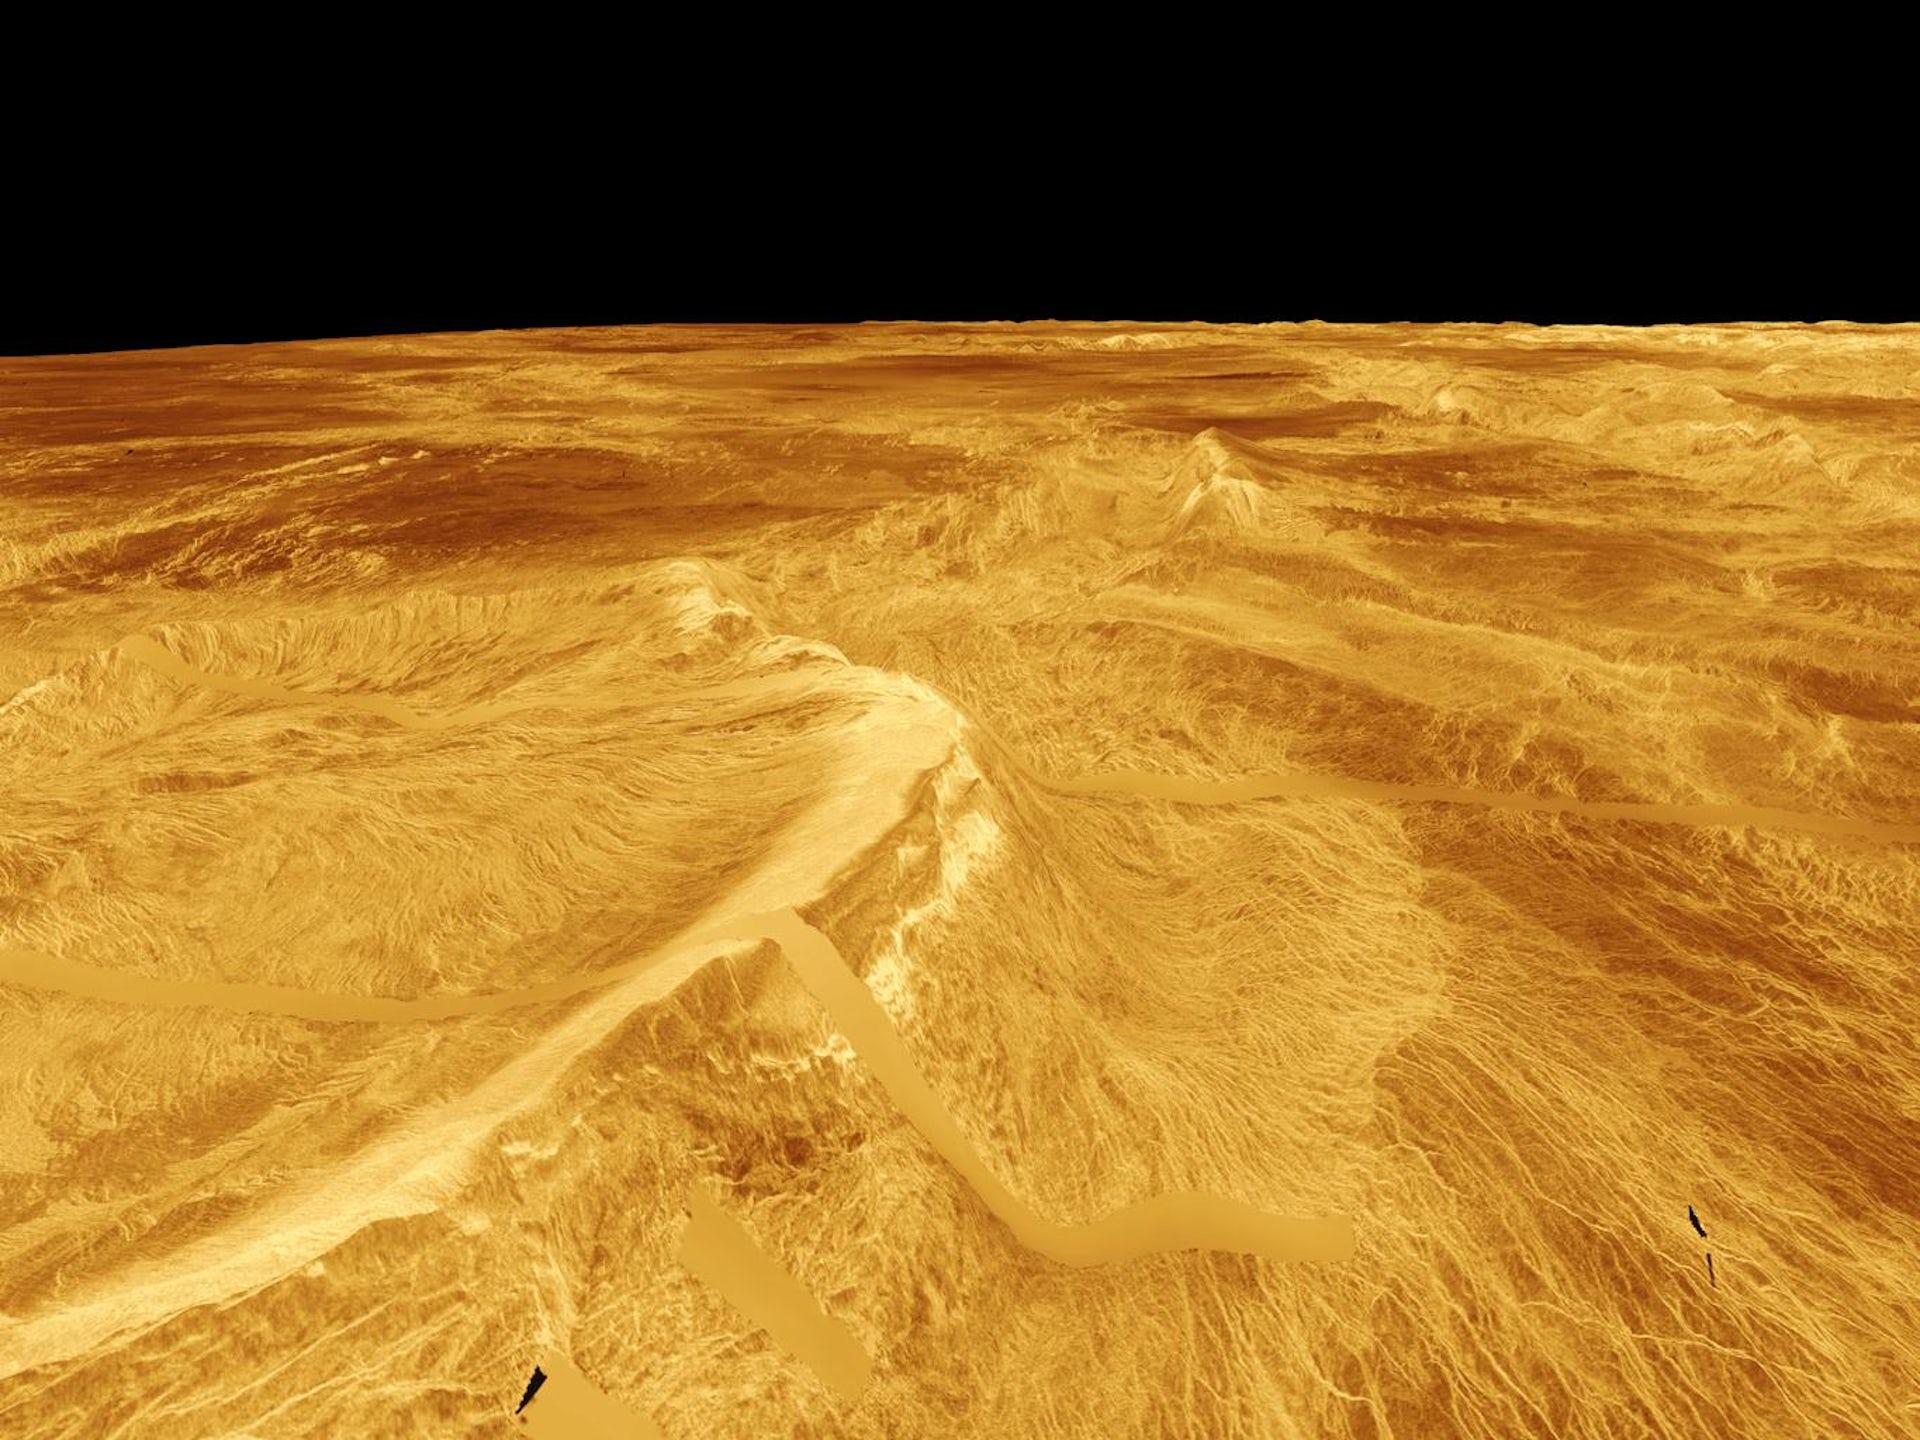 Venus as seen by Magellan